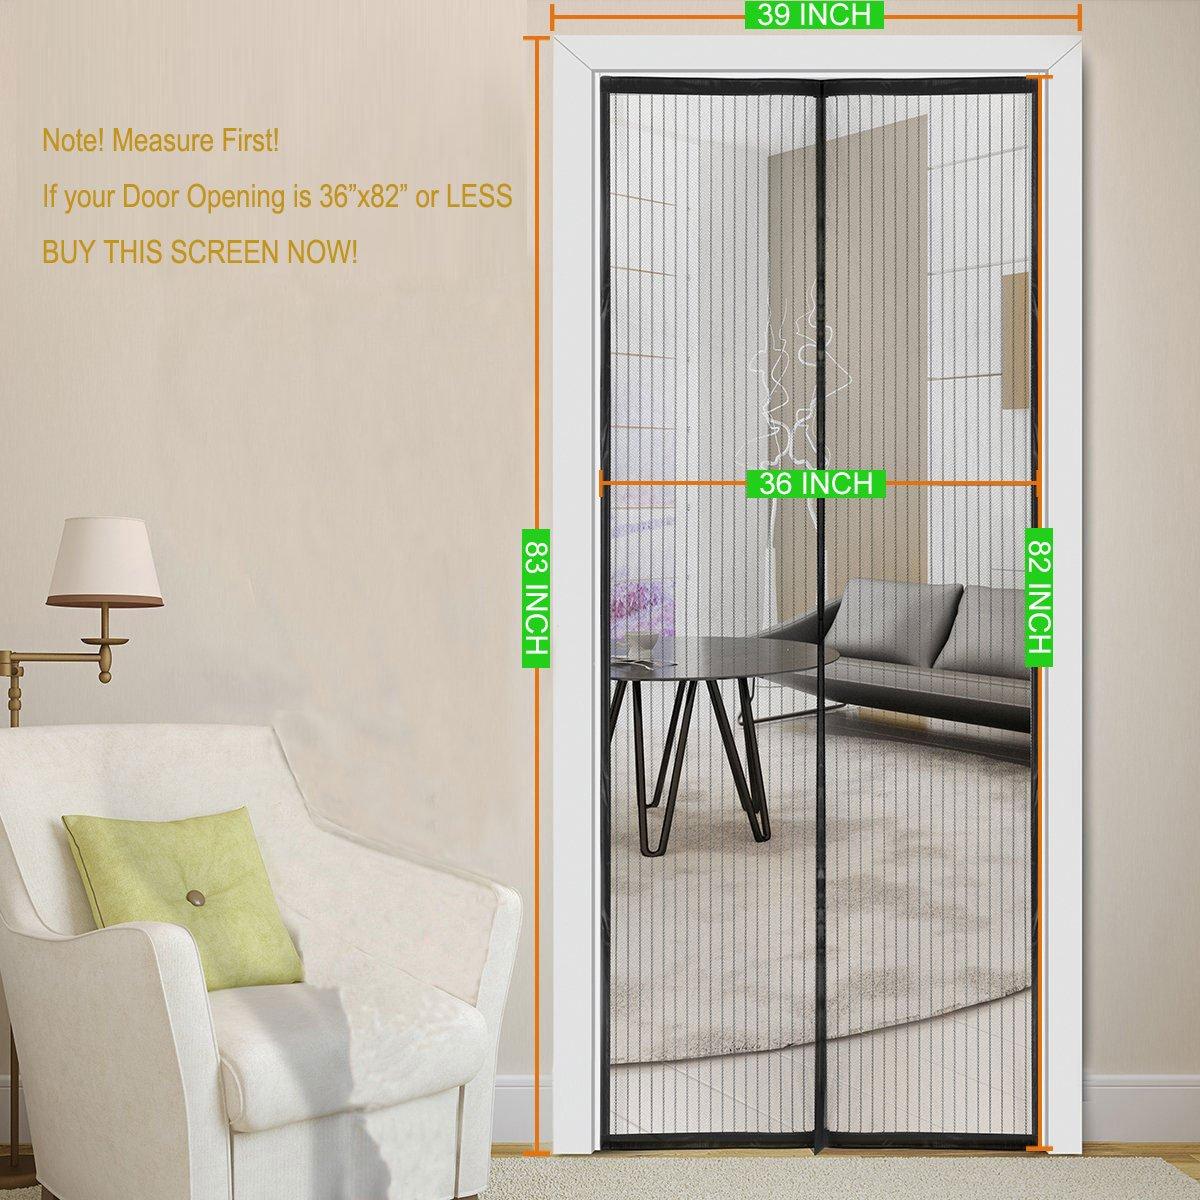 Amazon Magnetic Screen Door 39x83fits Doors Opening 36x82